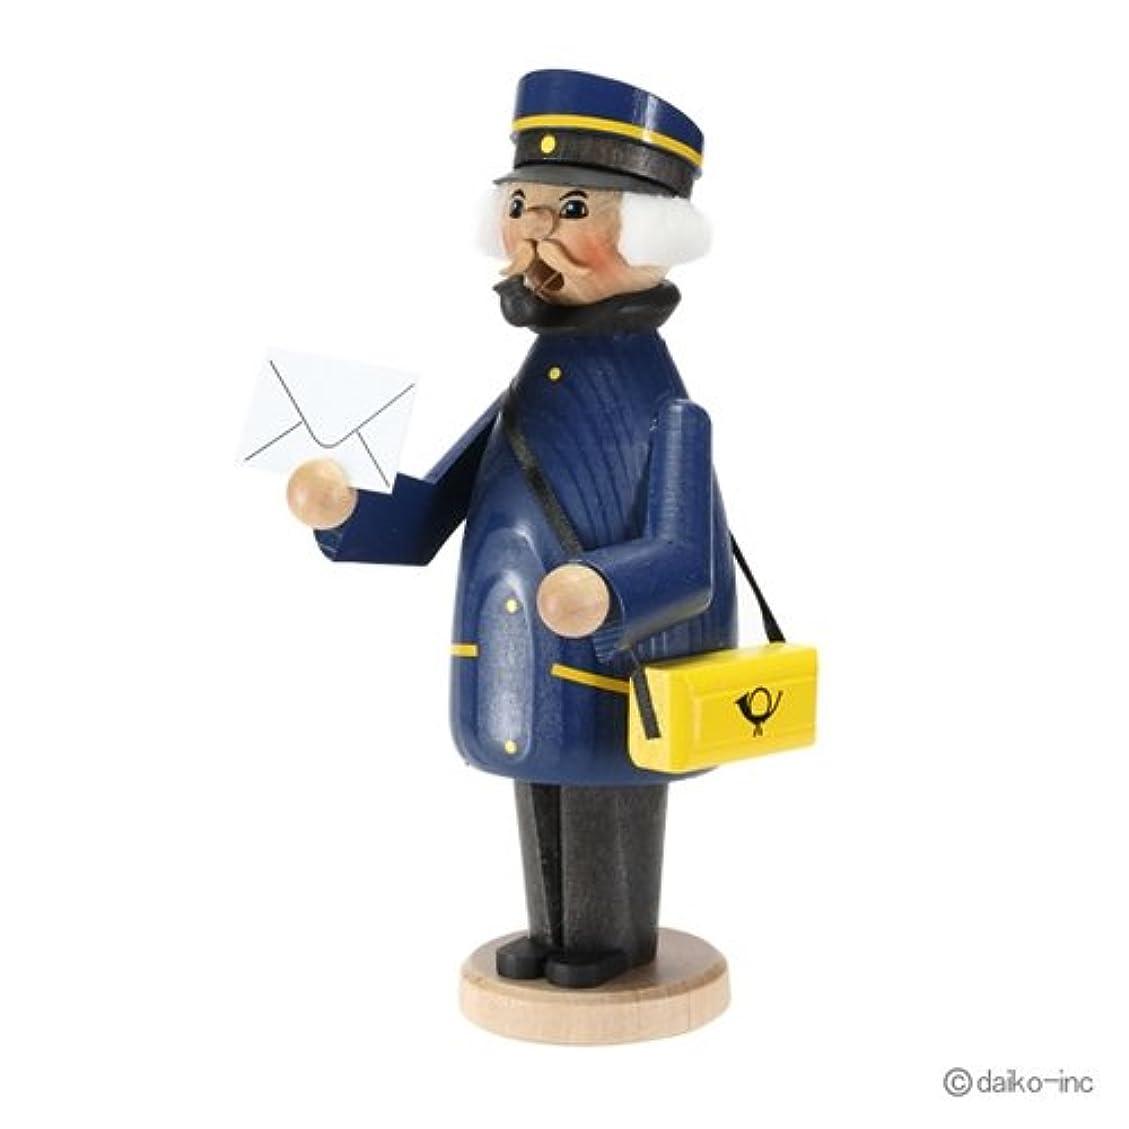 豊富に無効にする気分が良いクーネルト kuhnert ミニパイプ人形香炉 郵便配達員